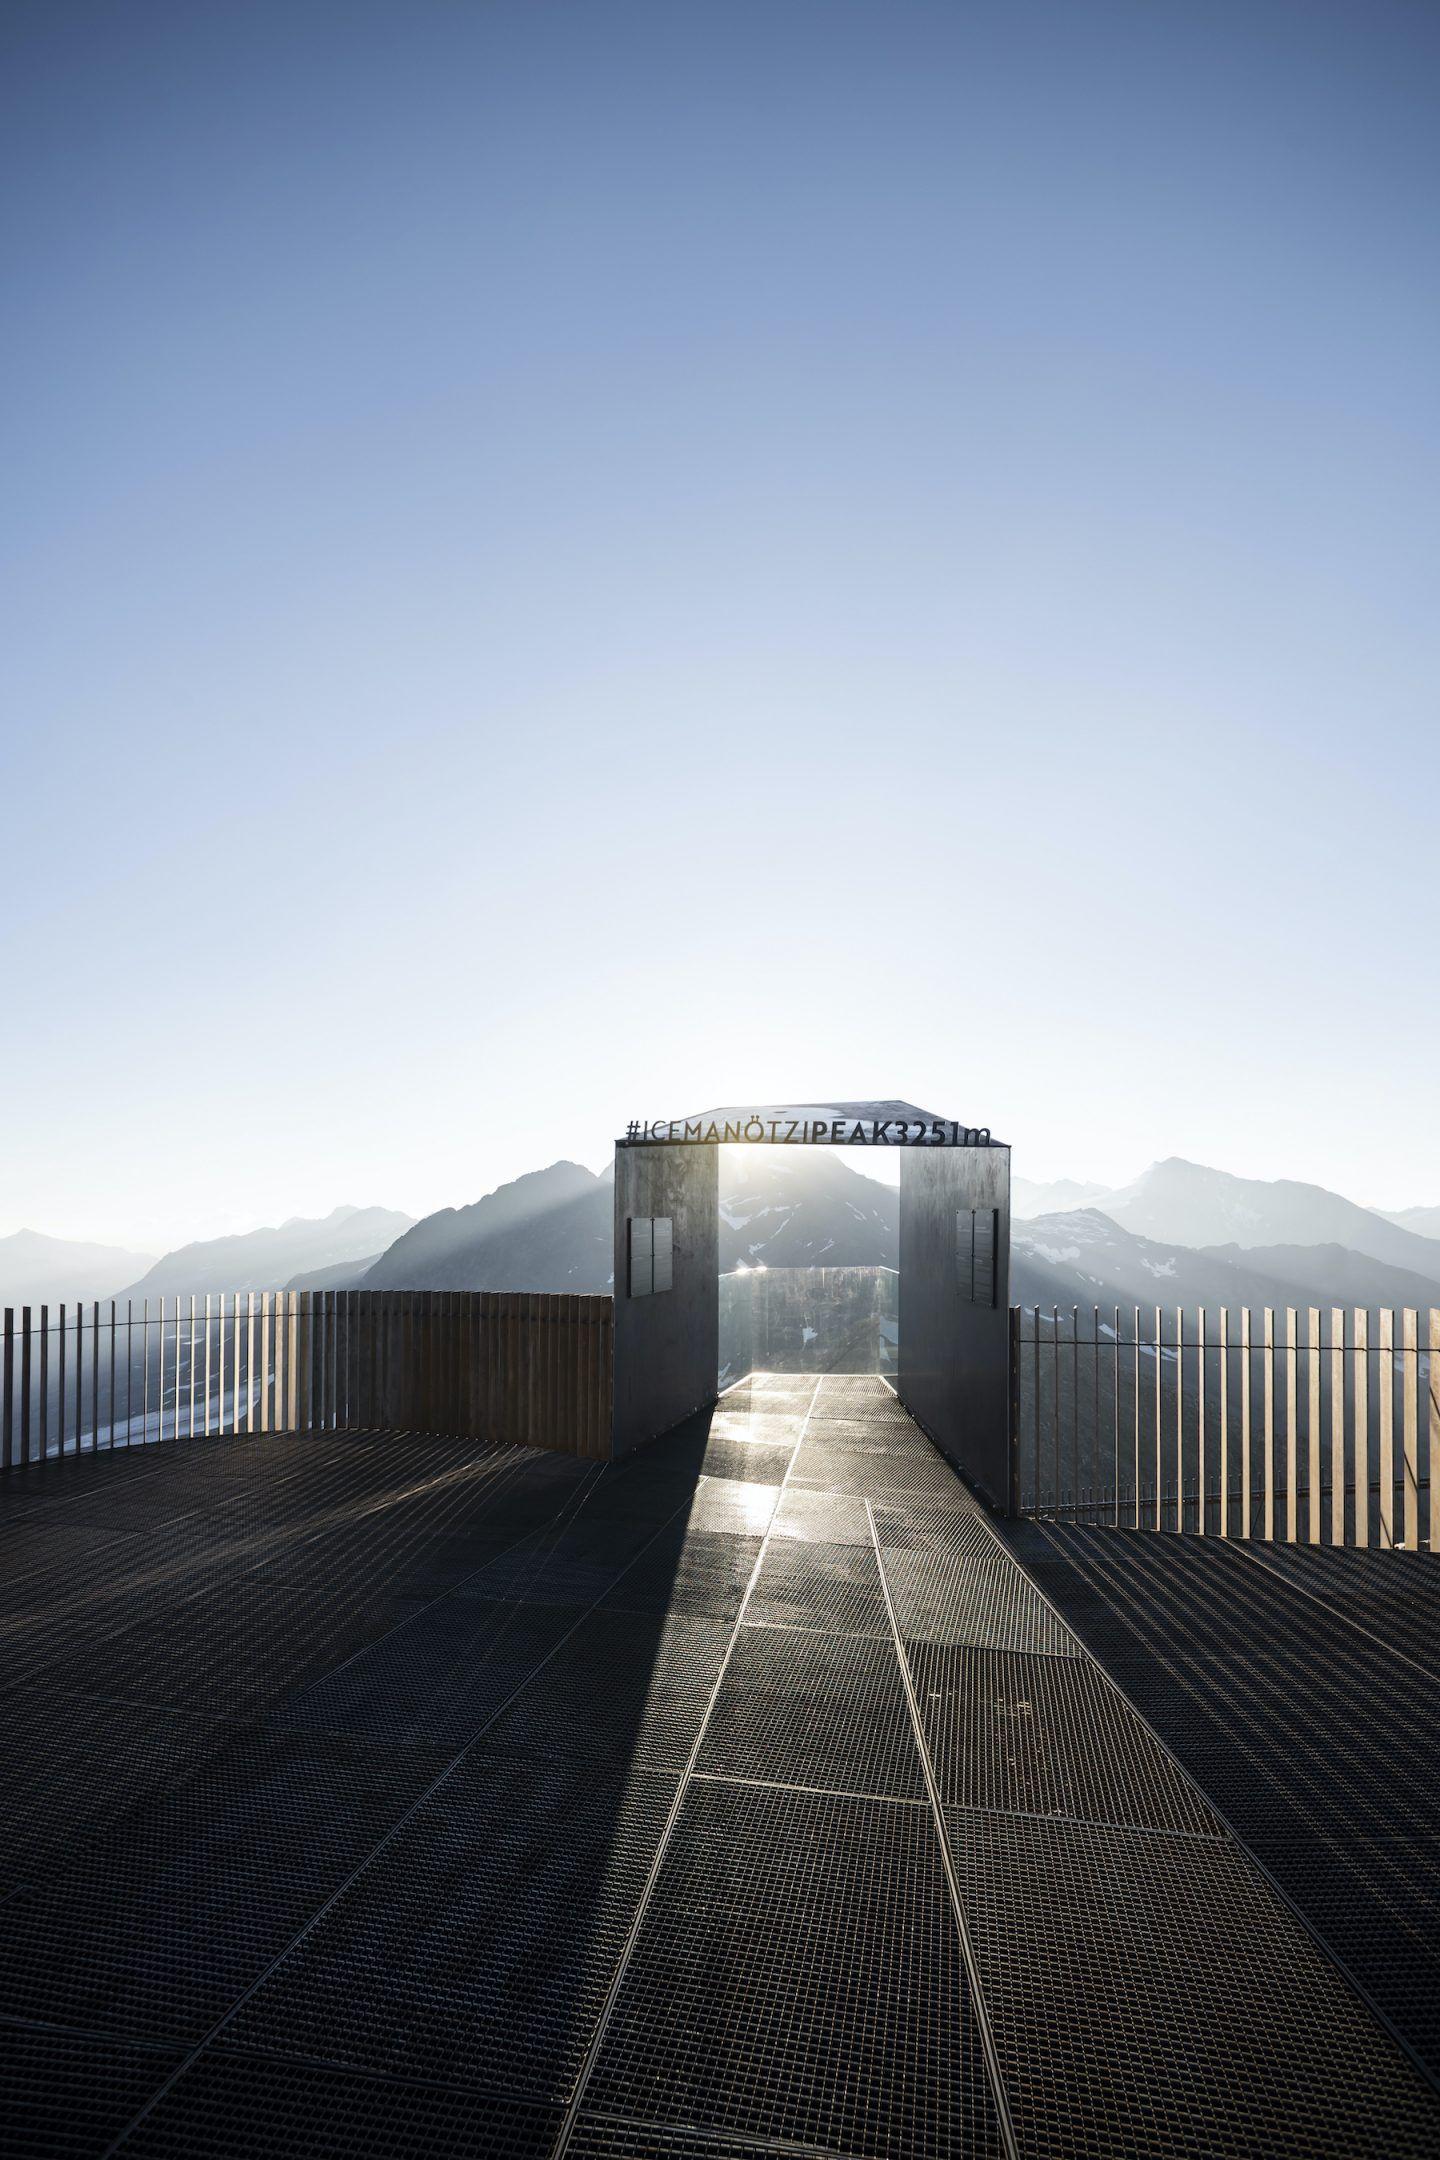 IGNANT-Travel-NOA-Otzi-Peak-012